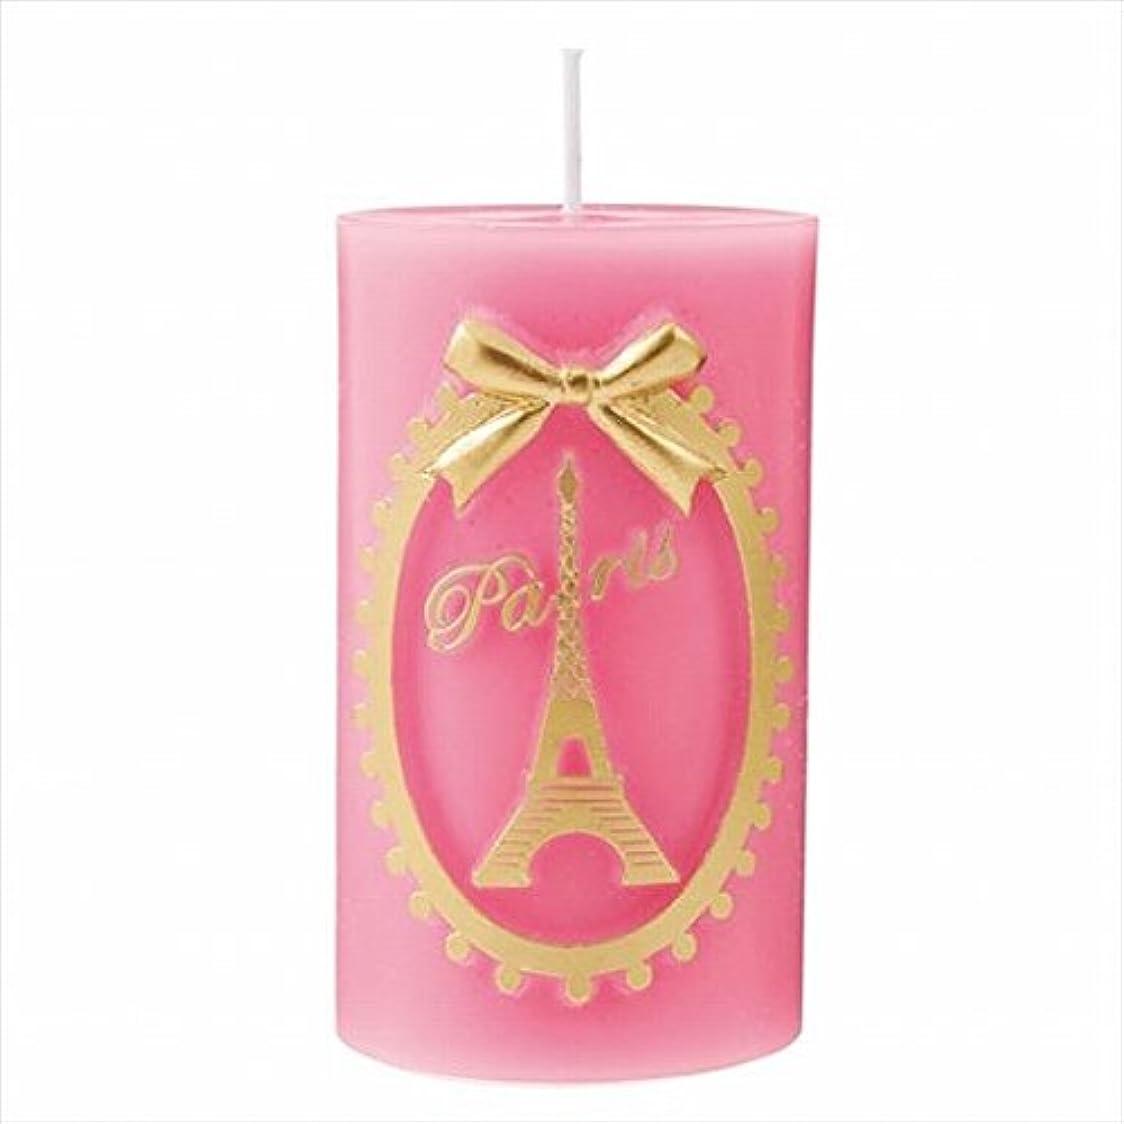 パフ汚染する戻すカメヤマキャンドル( kameyama candle ) エッフェル塔ピラー 「 ピンク 」